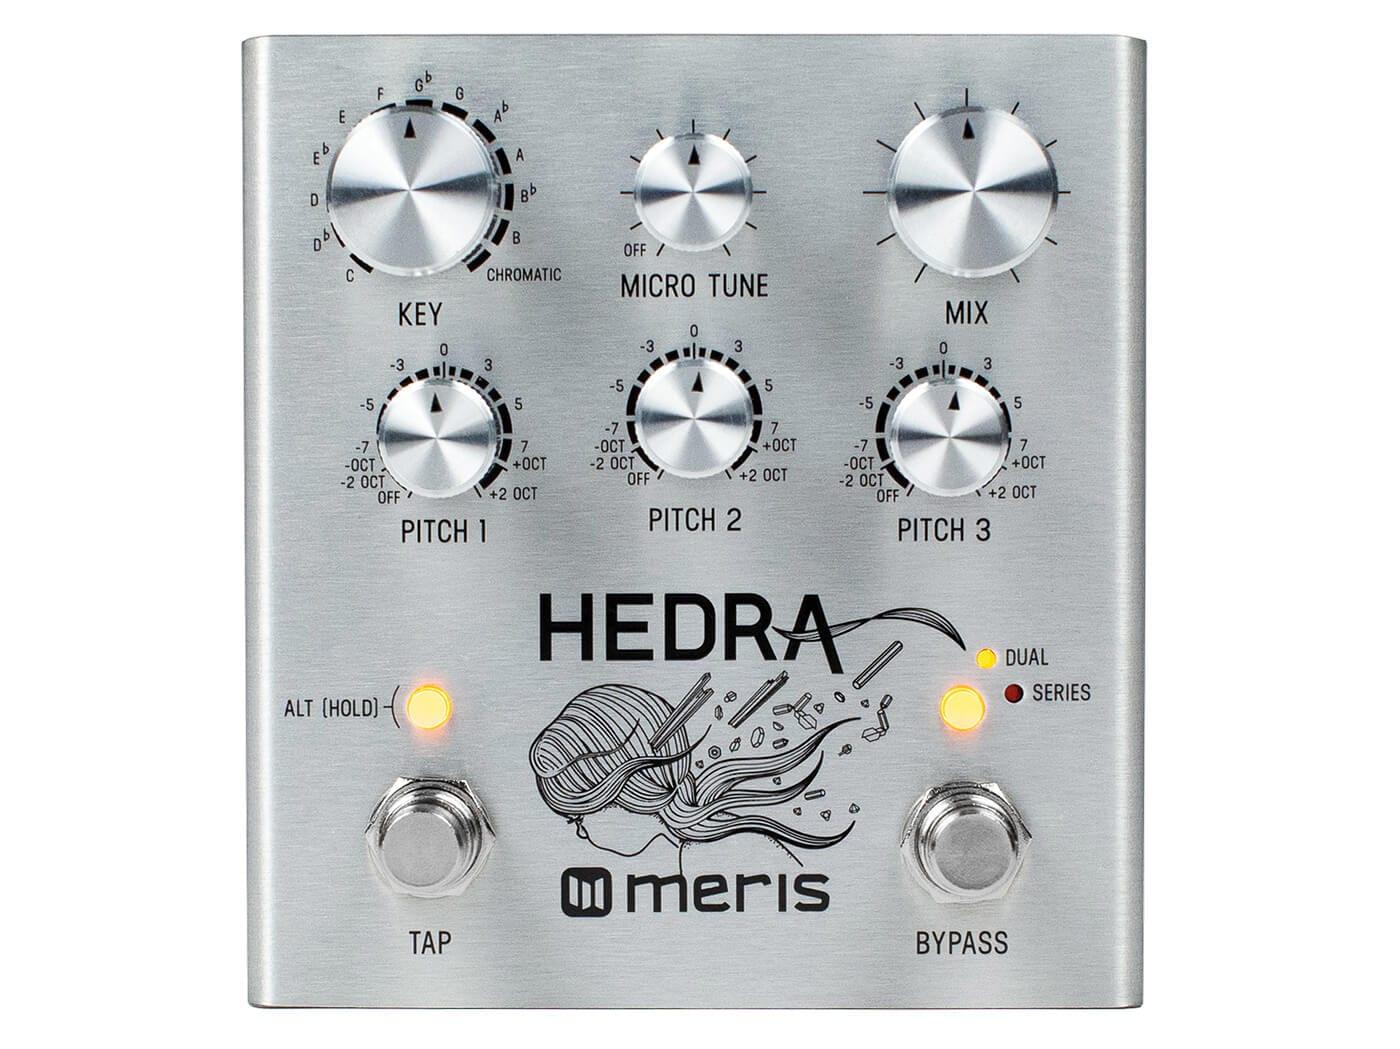 Meris Hedra - ¡Clásico pitch shifting de rack de estudio de los años 90 en un pedal!